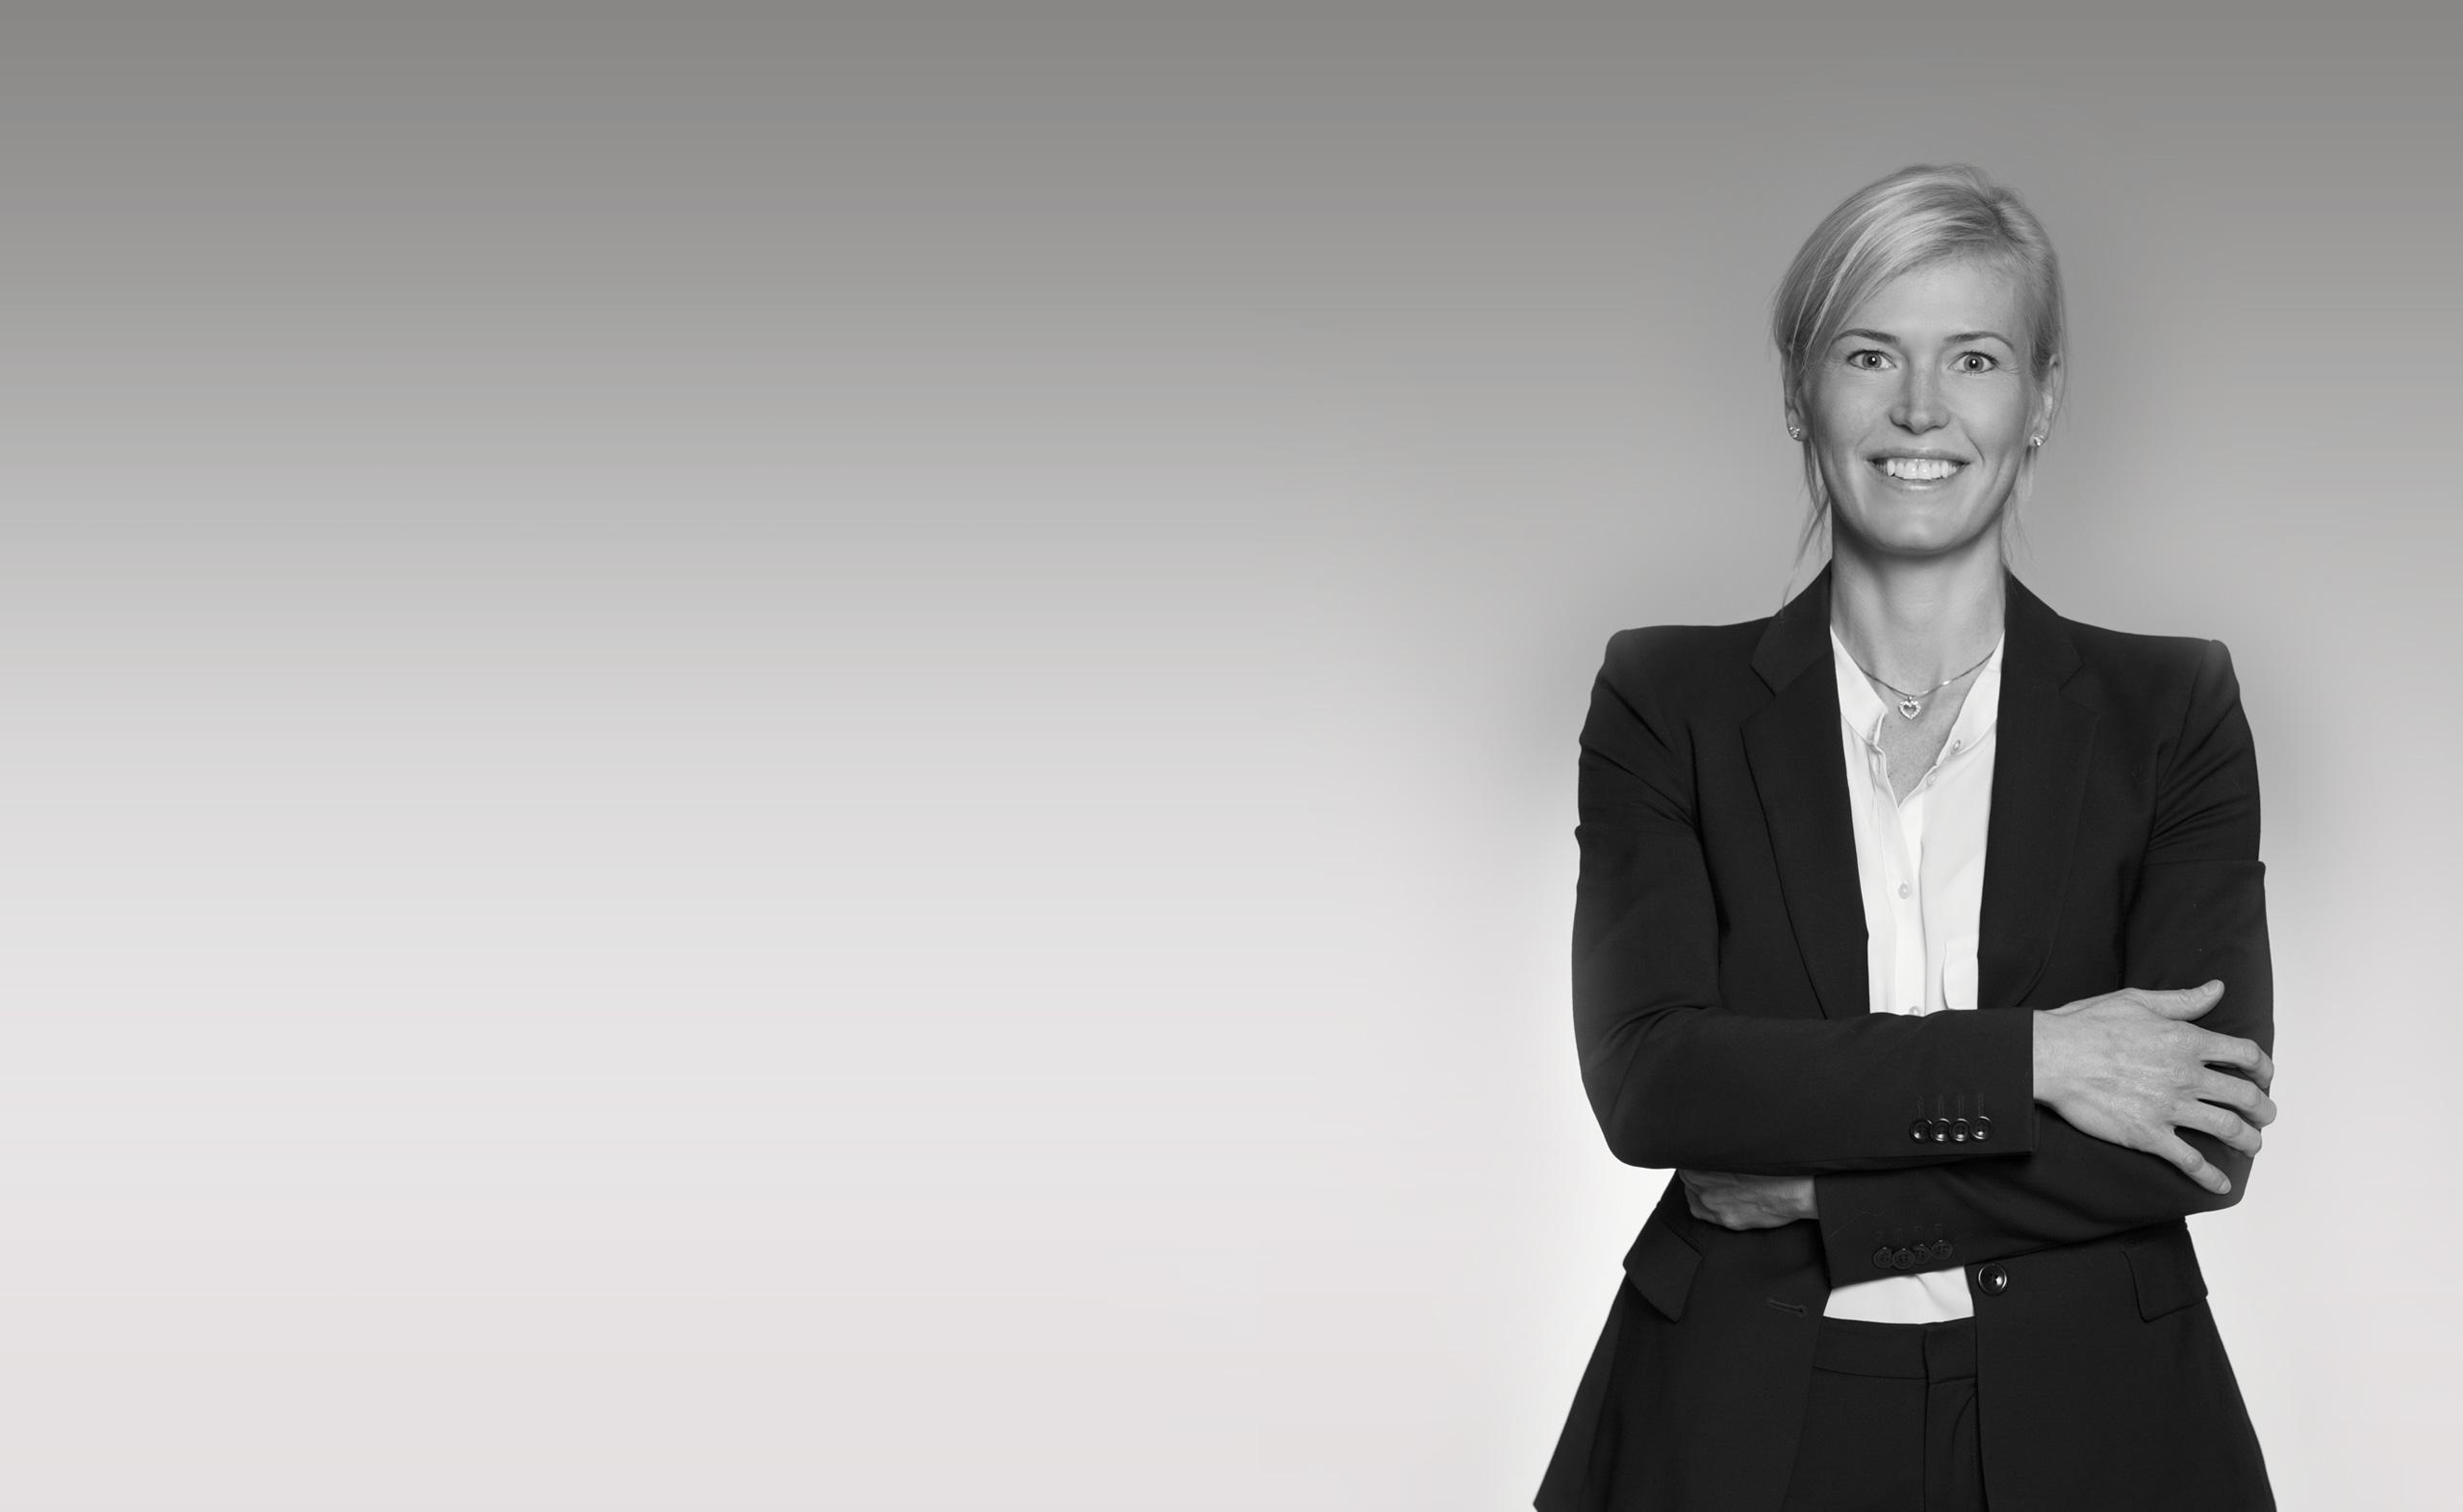 Carina Käll Knaust, Reg. fastighetsmäklare på Södermalm